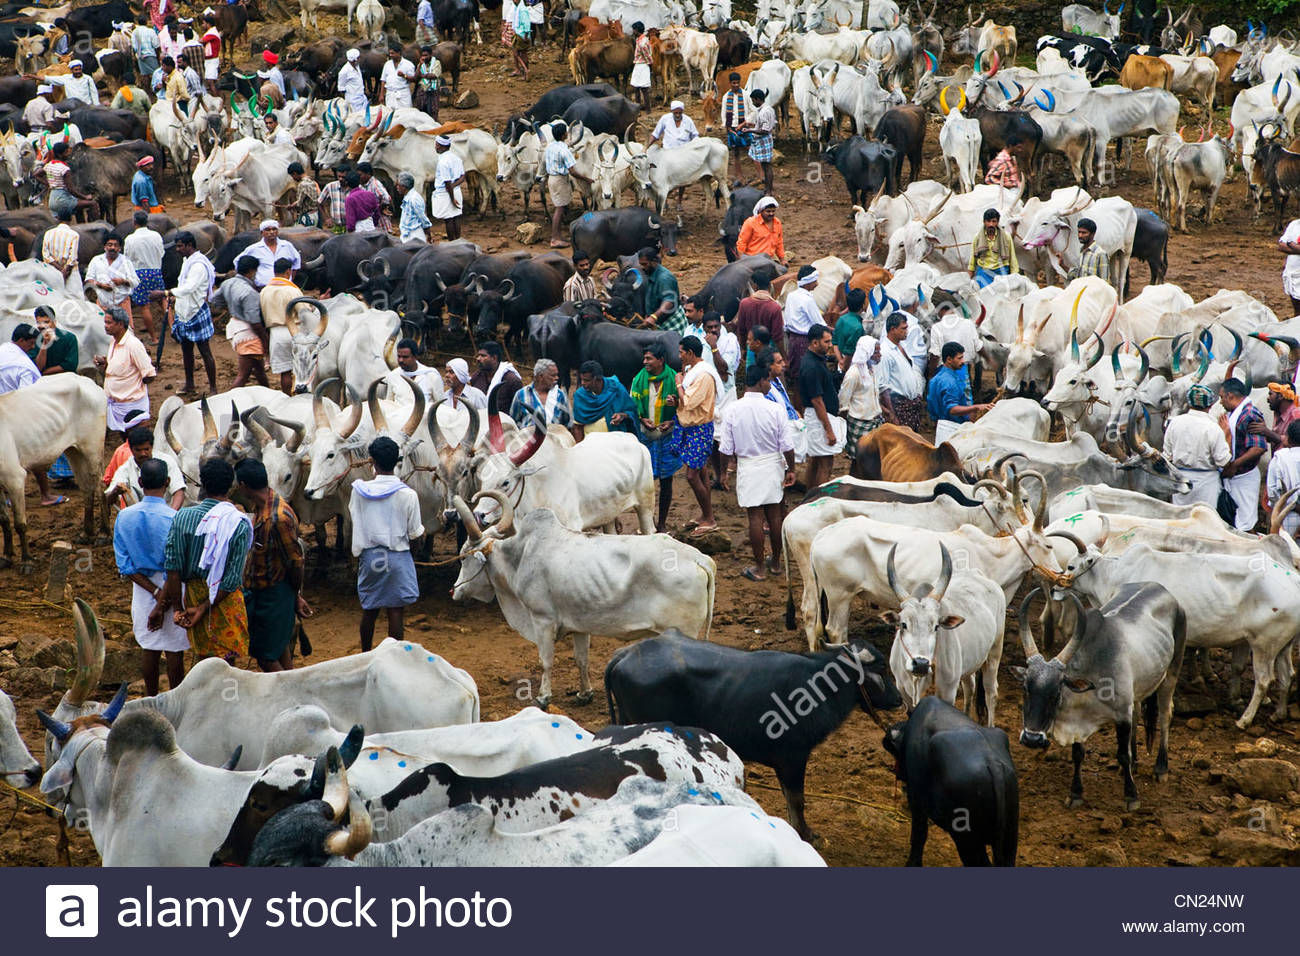 Cattle market, Kerala, India - Stock Image